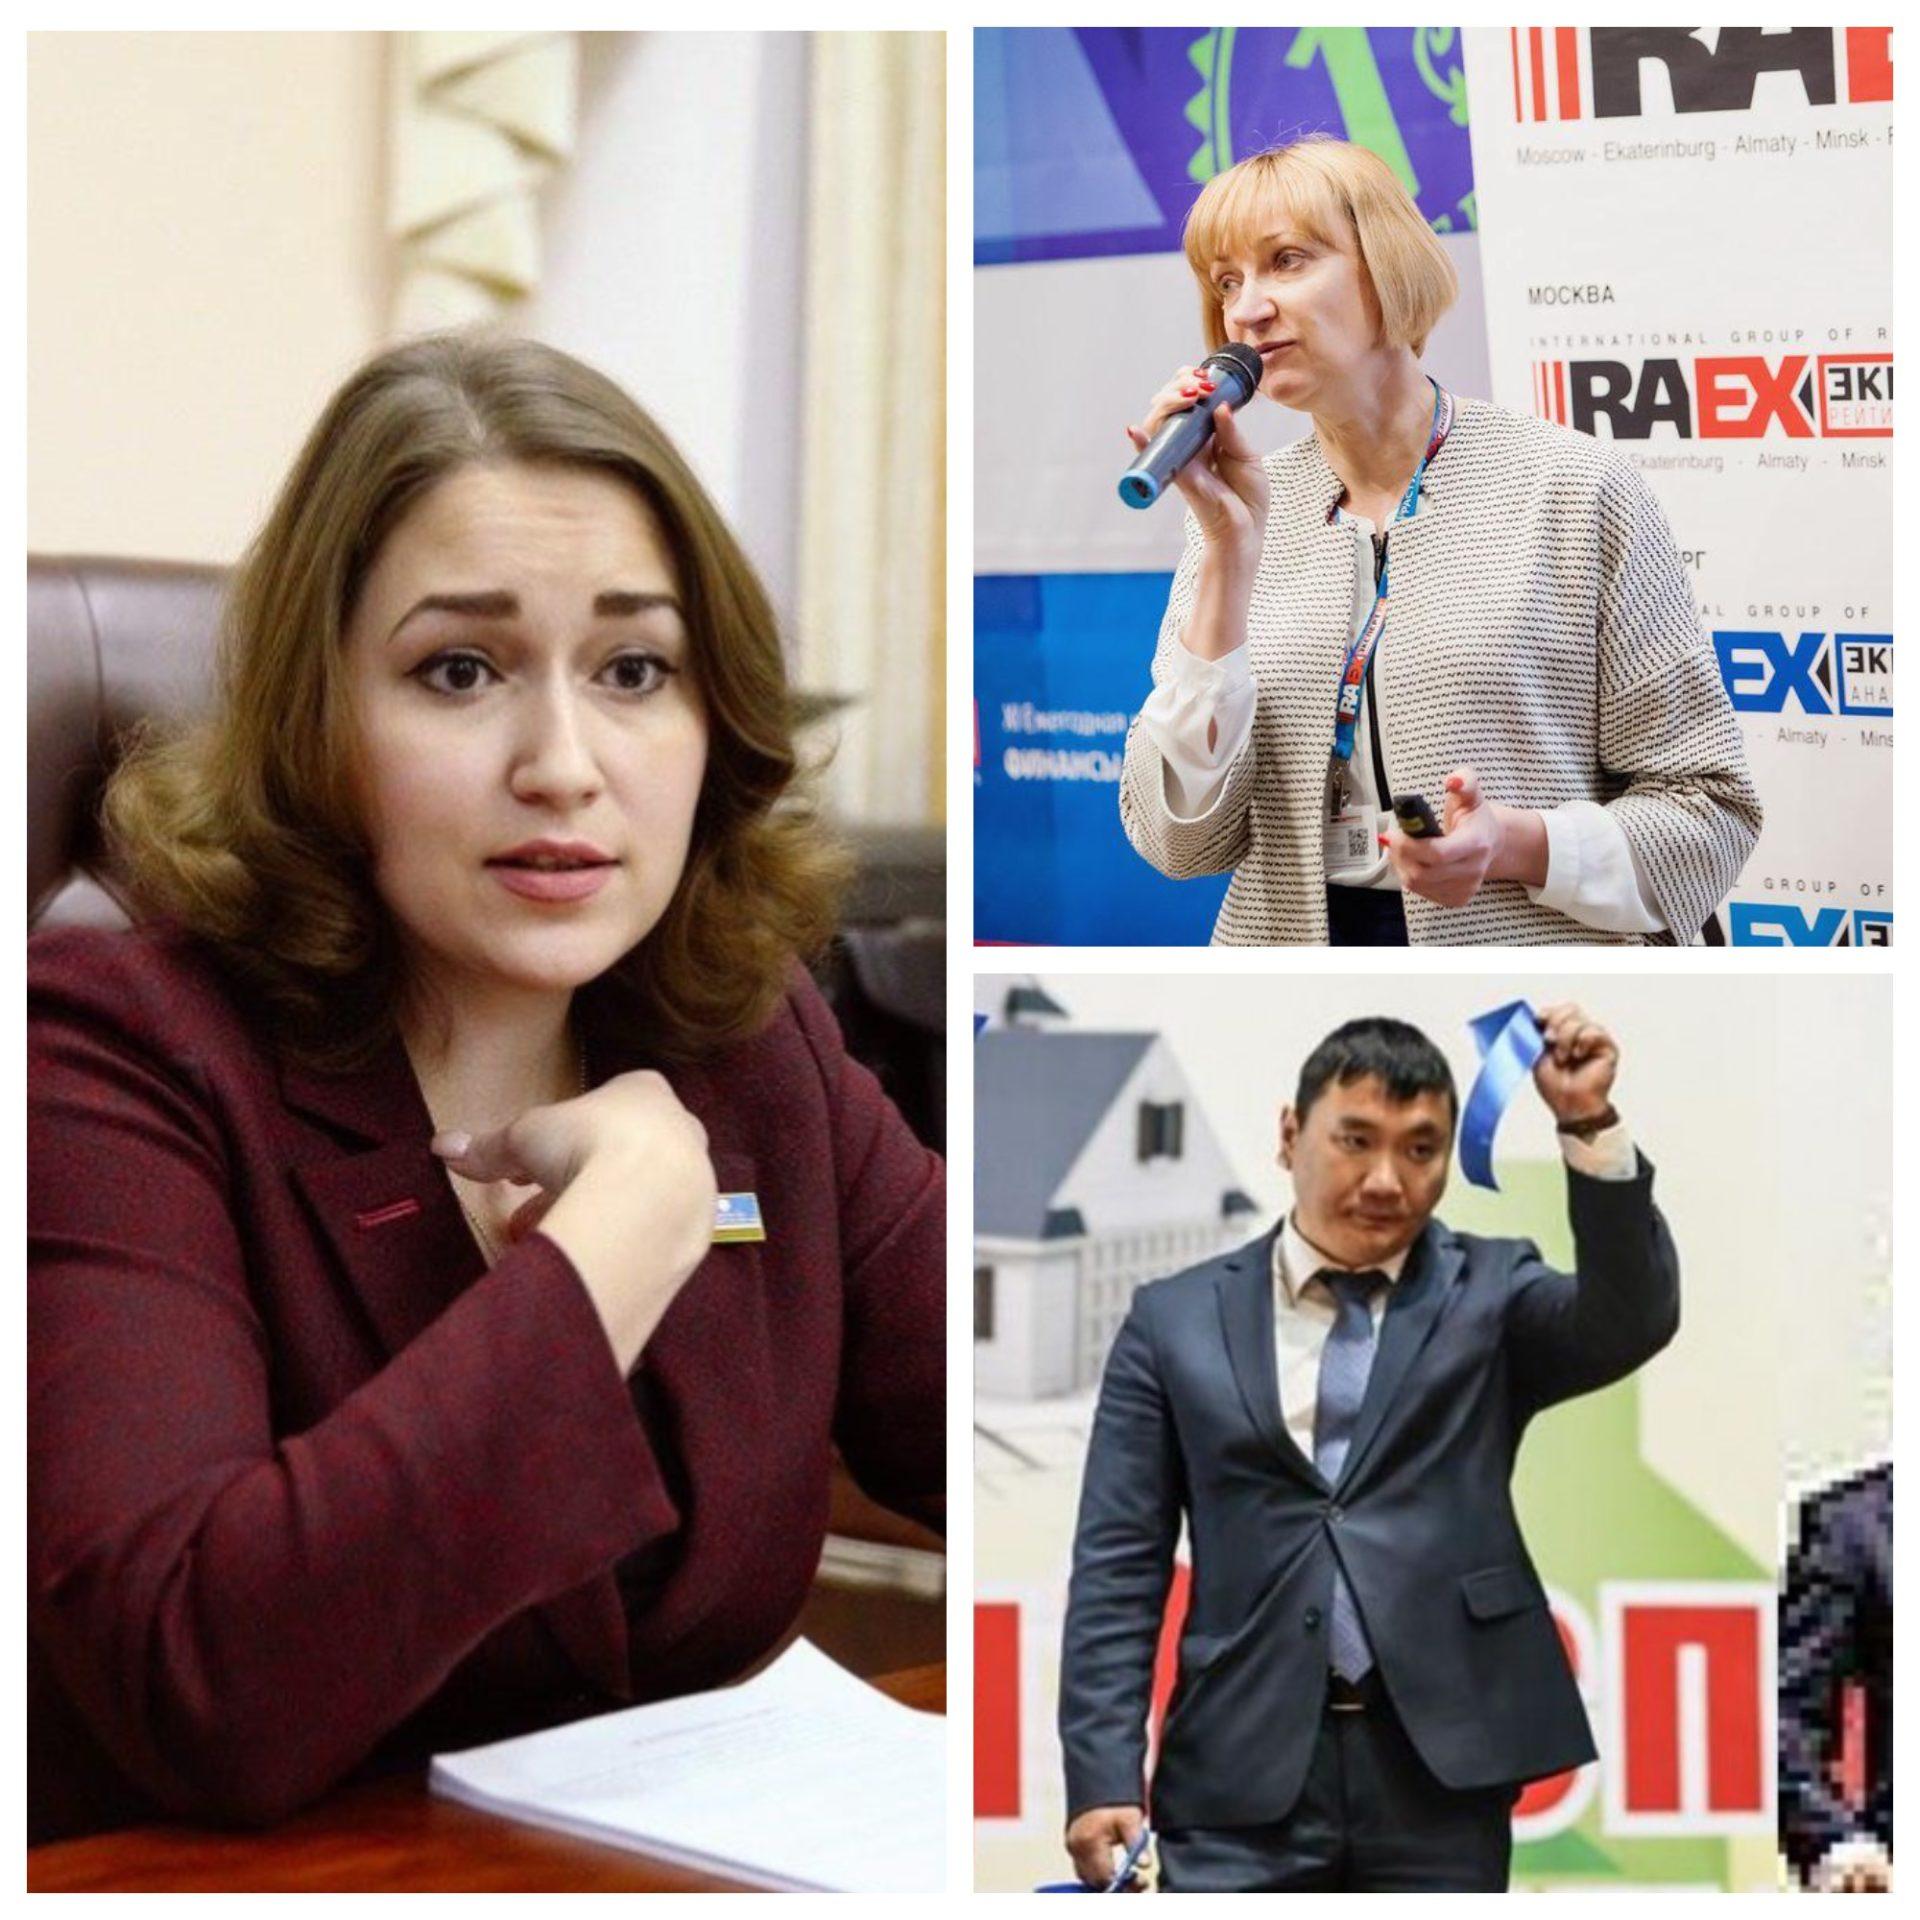 Уголовное дело о попытке дать взятку министру Ирине ВЫСОКИХ отправлено на повторное рассмотрение